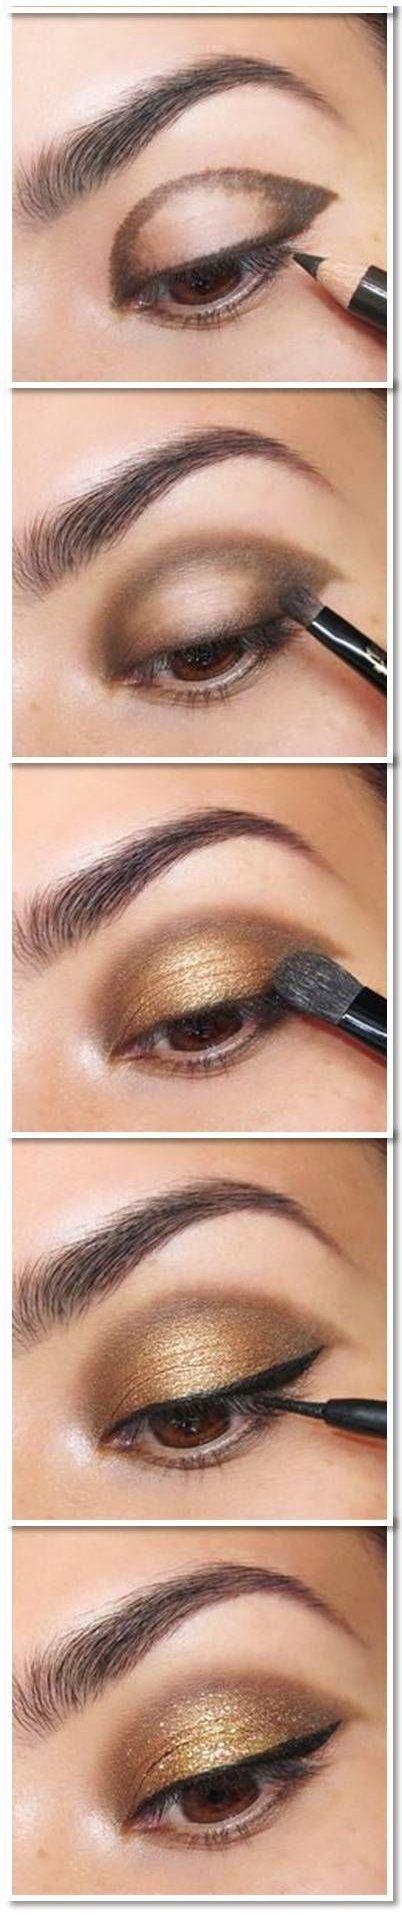 آرایش صورت  , آموزش آرایش چشم تصویری برای جشن ها